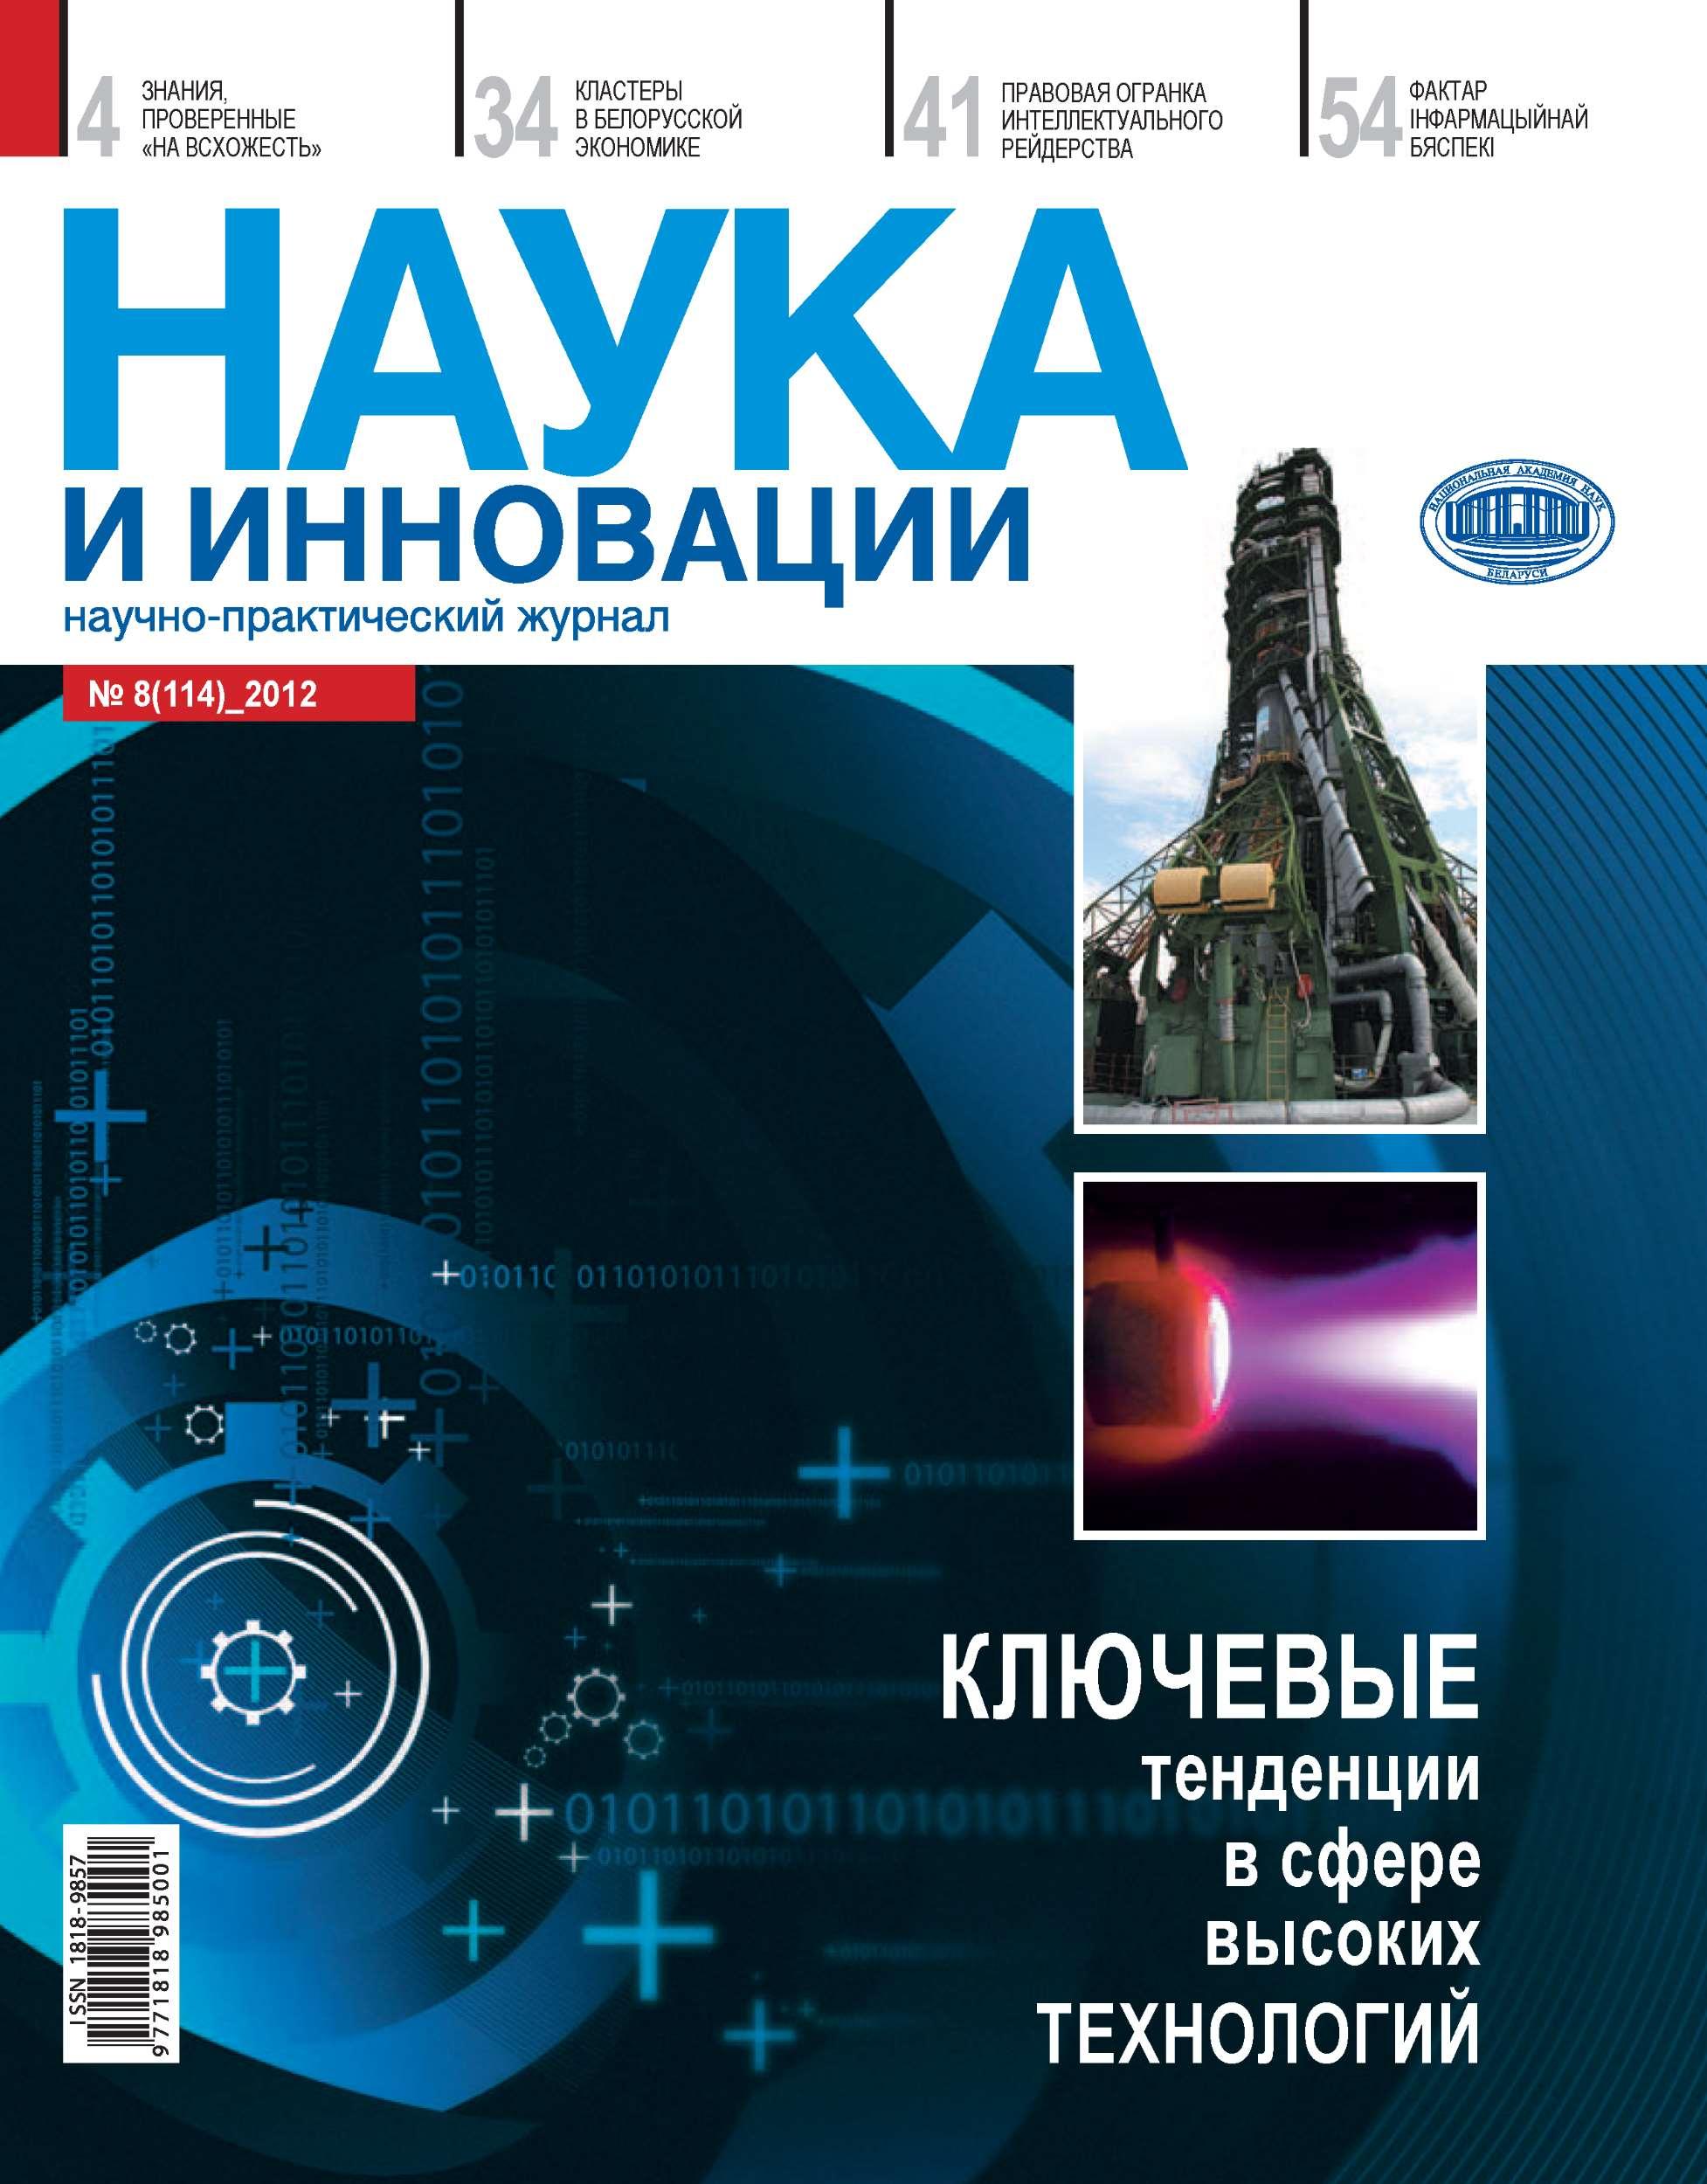 Наука и инновации №8 (114) 2012